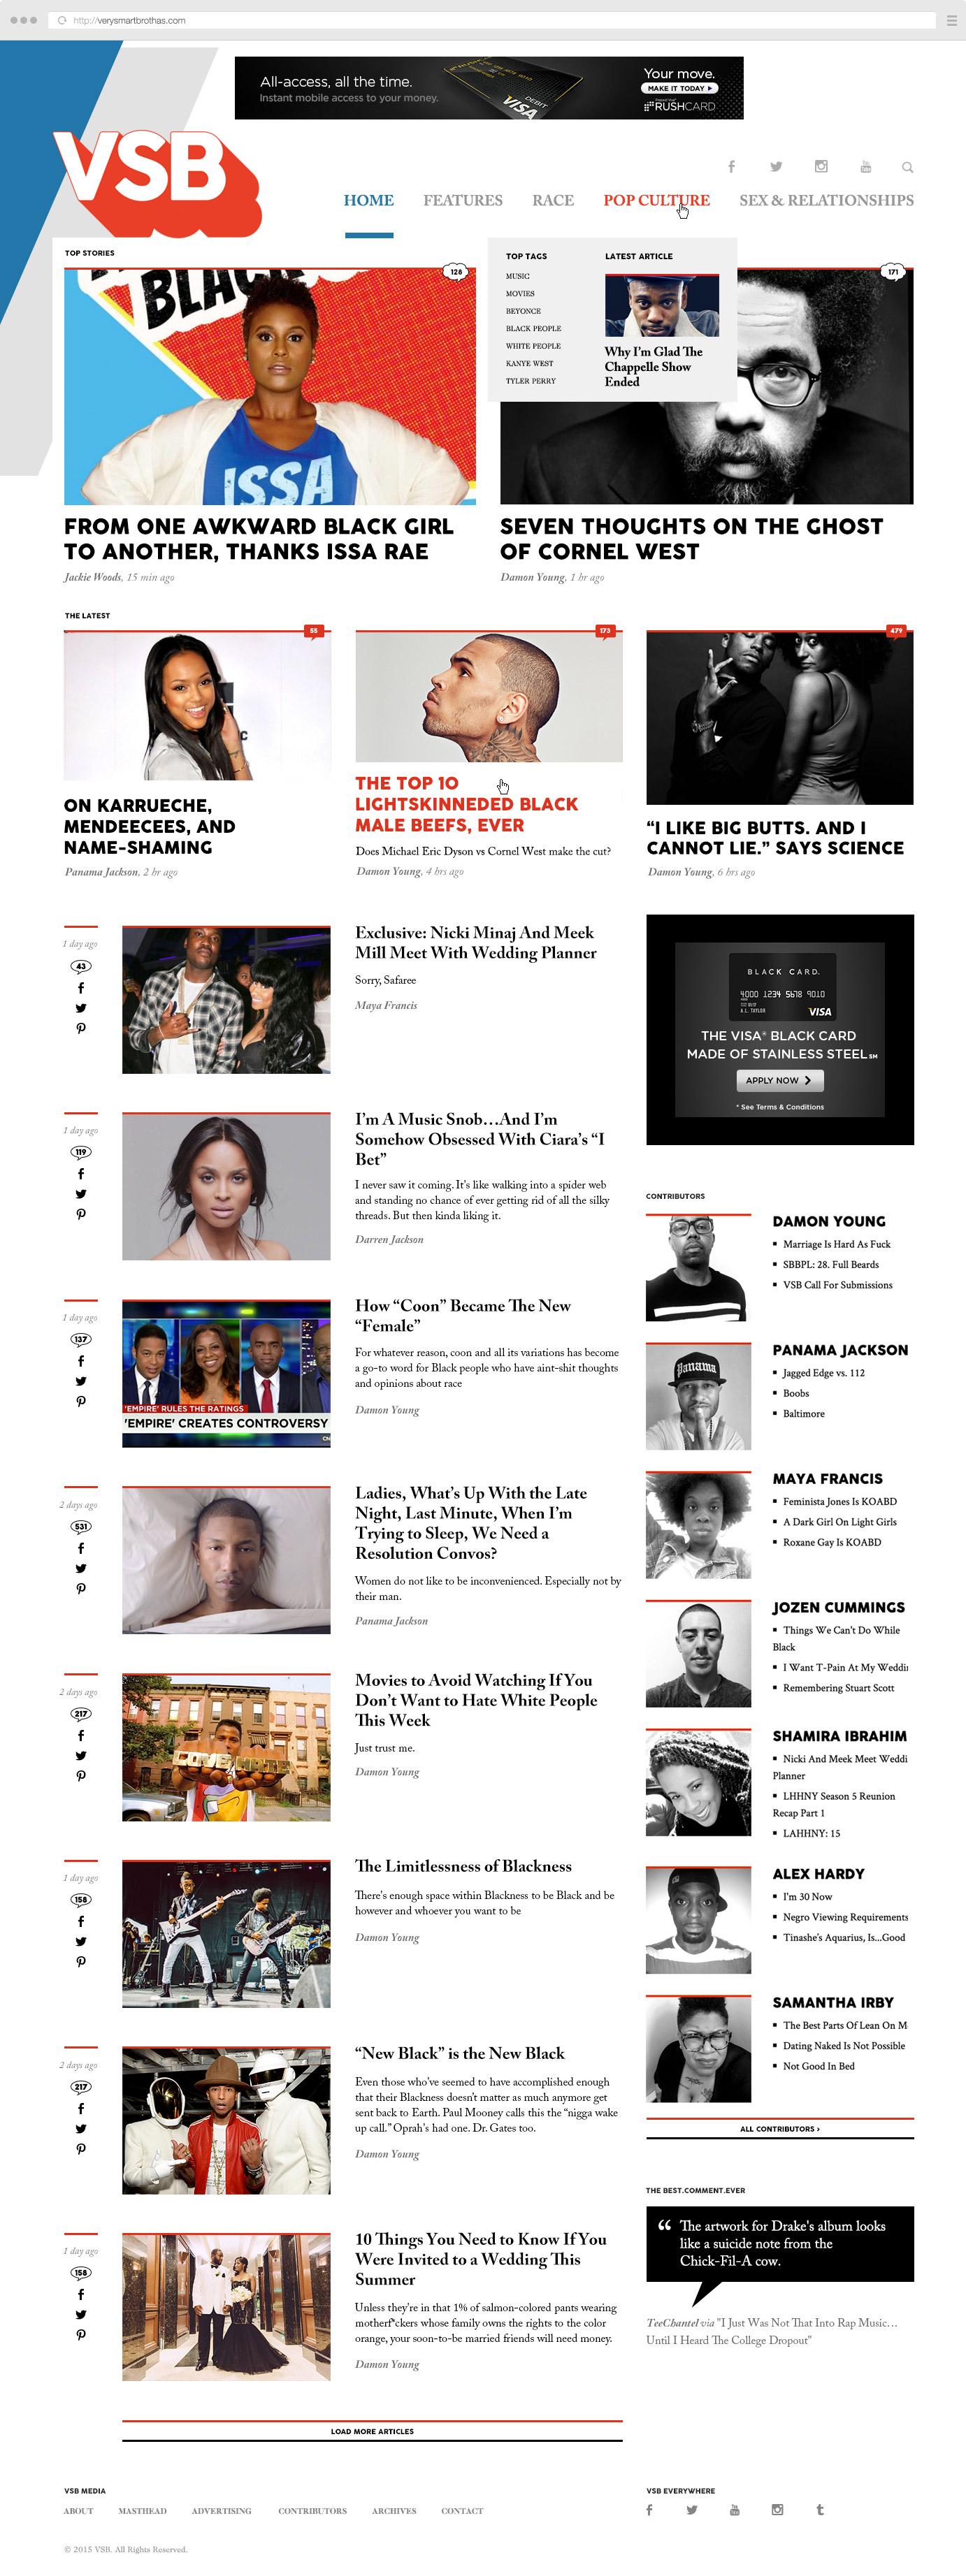 VSB homepage